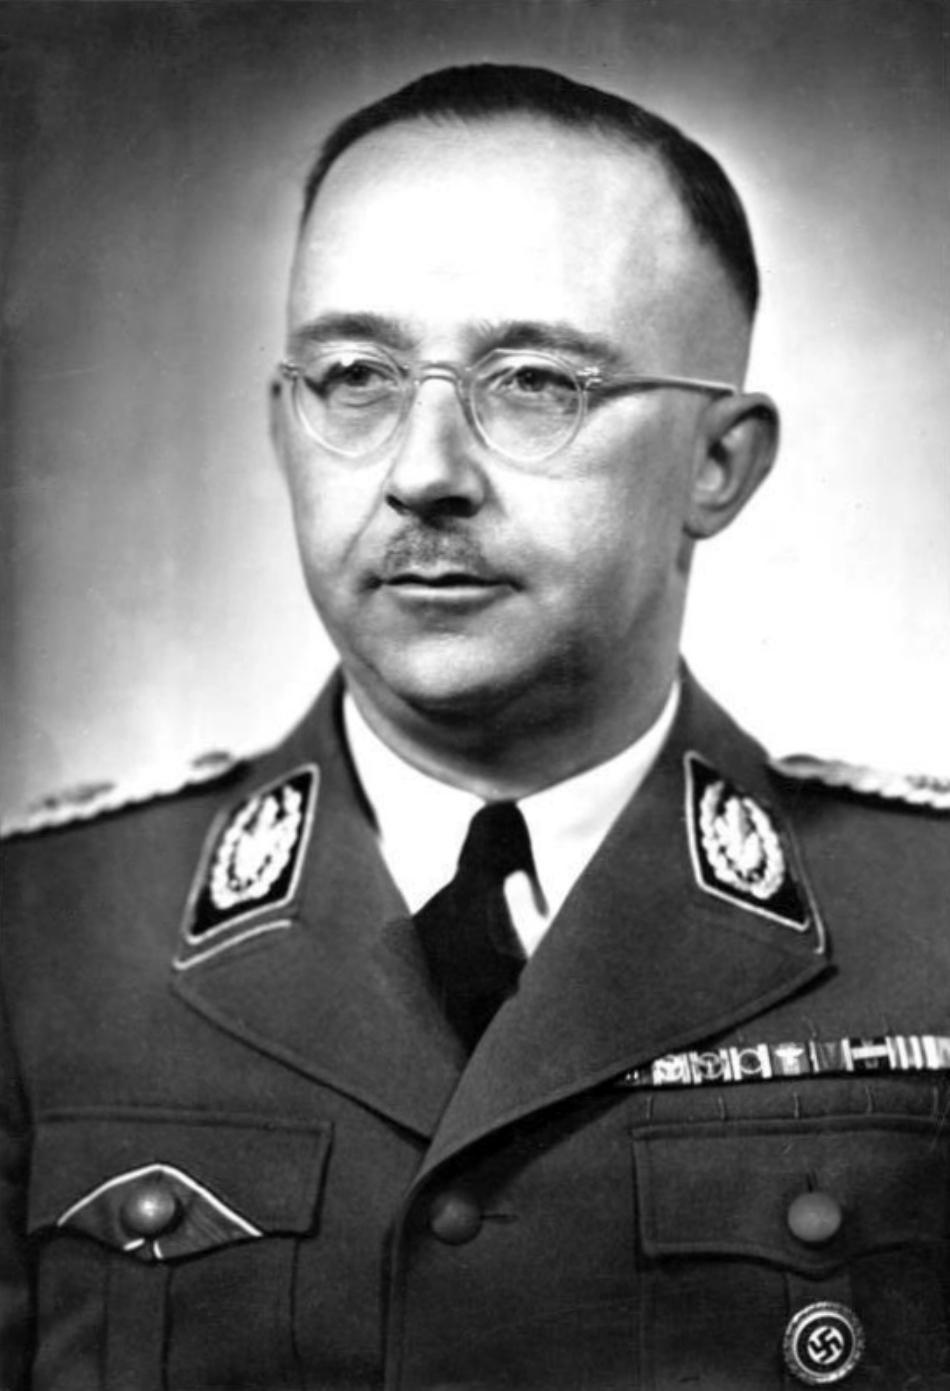 Heinrich Himmler în timp ce era şeful SS-ului.